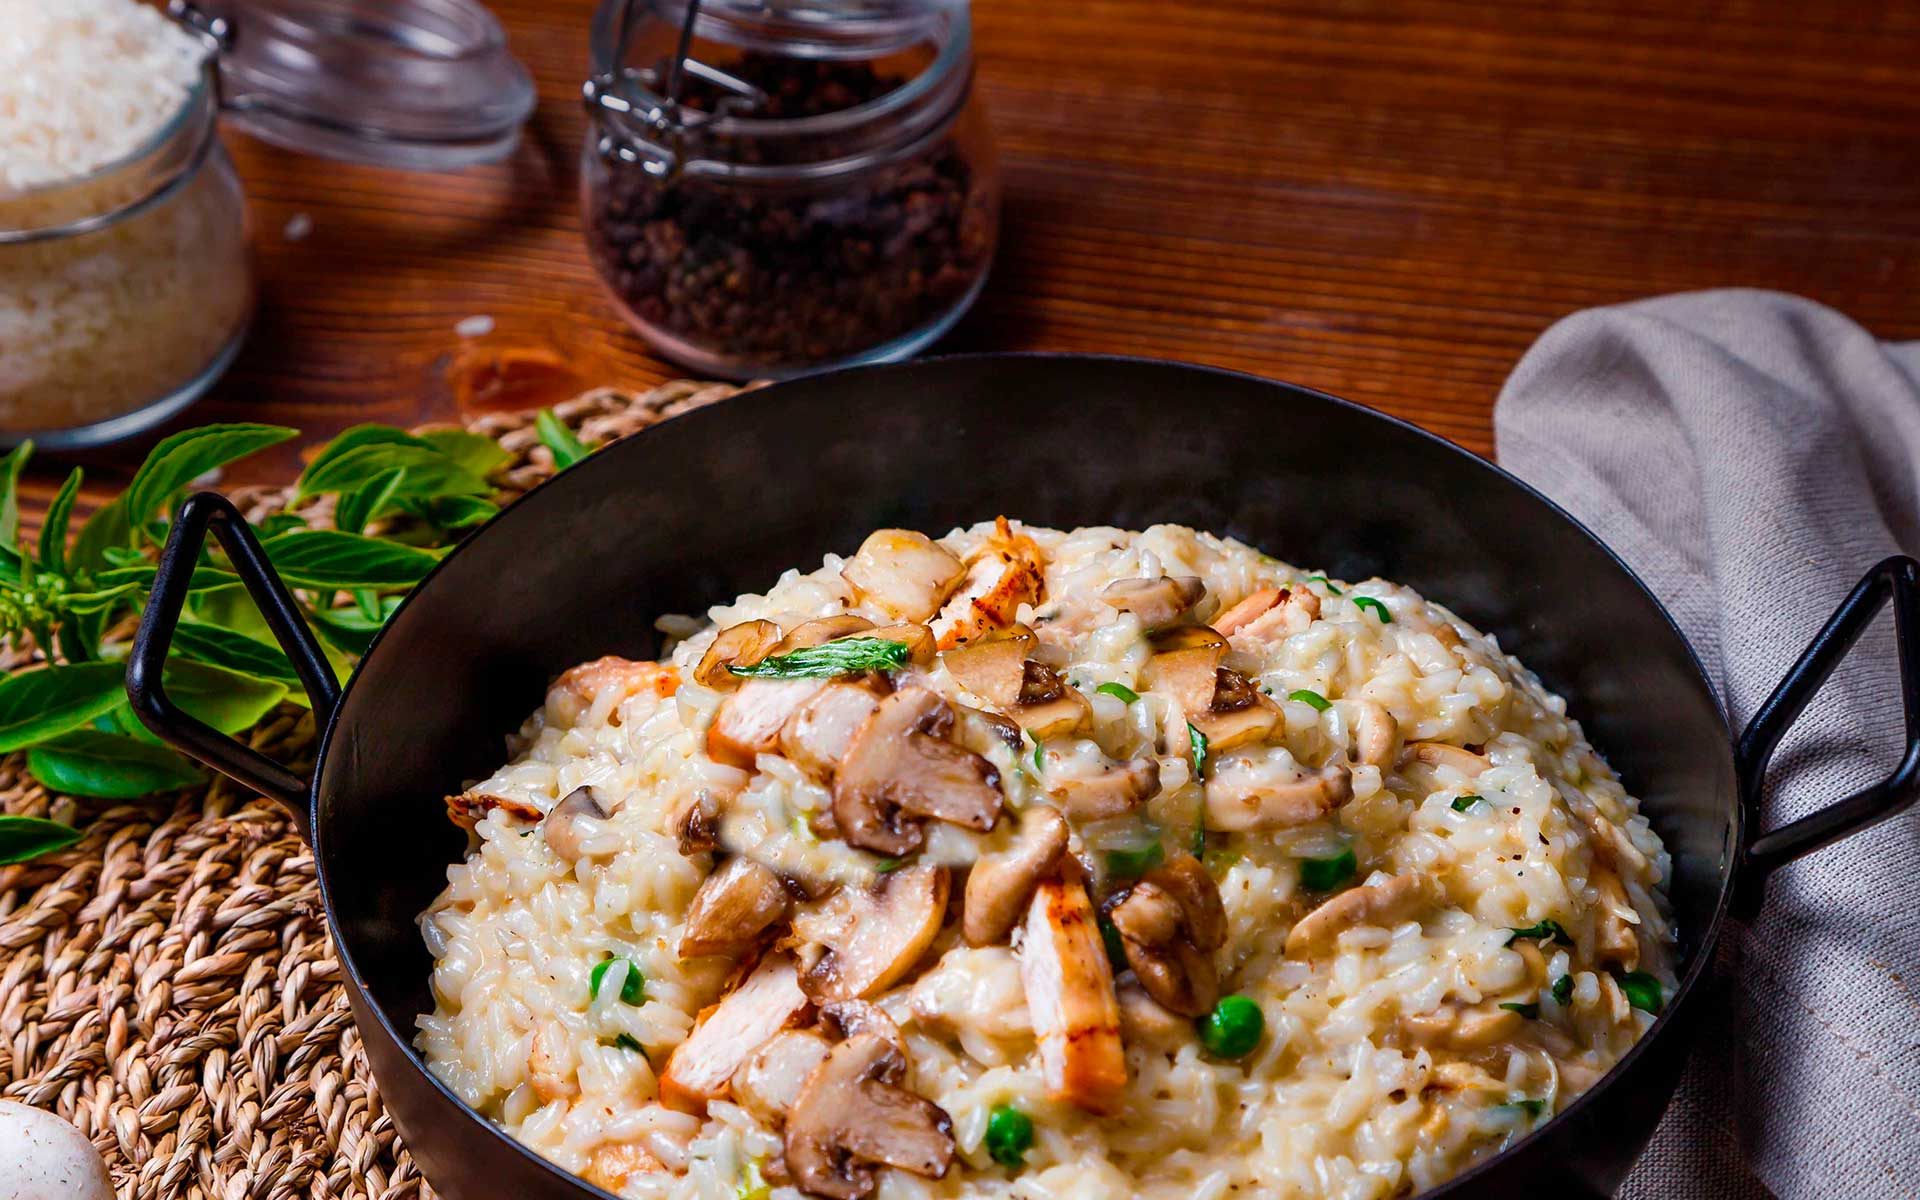 Immagine di sfondo di un risotto made in Italy